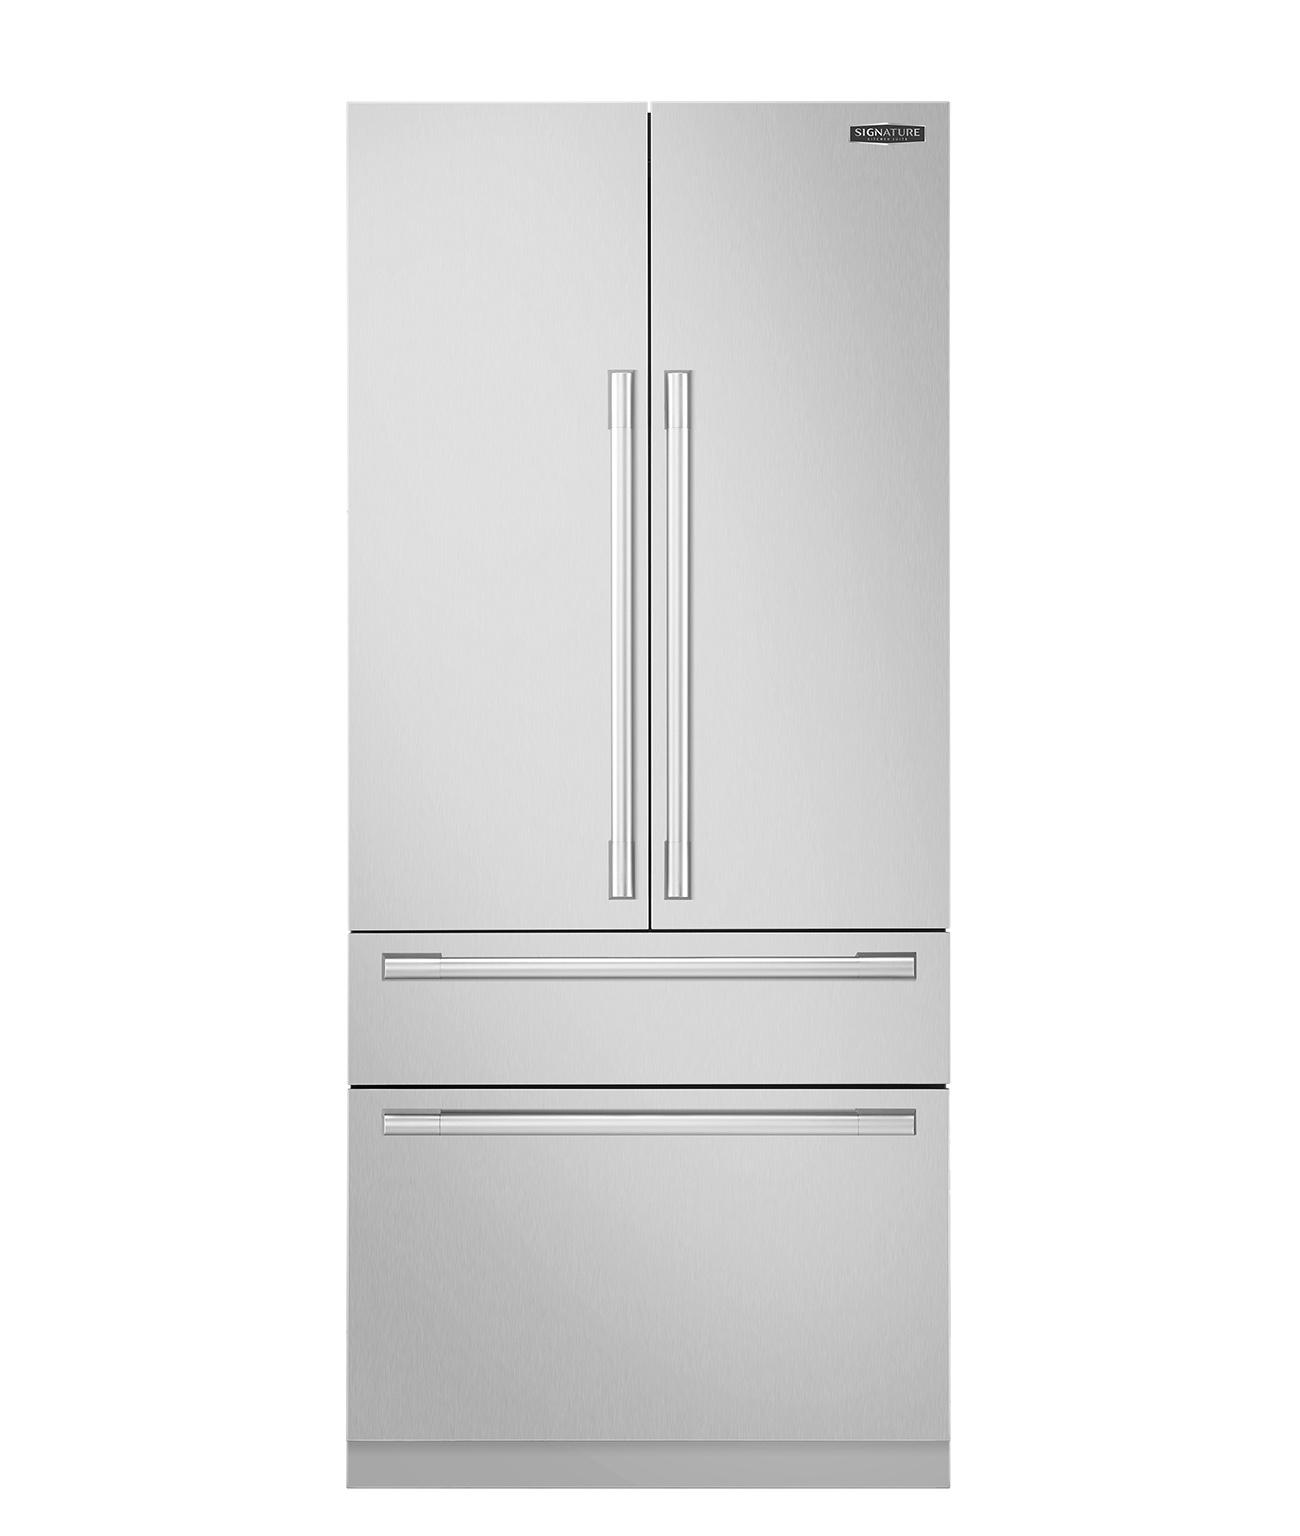 36 inch built in french door refrigerator